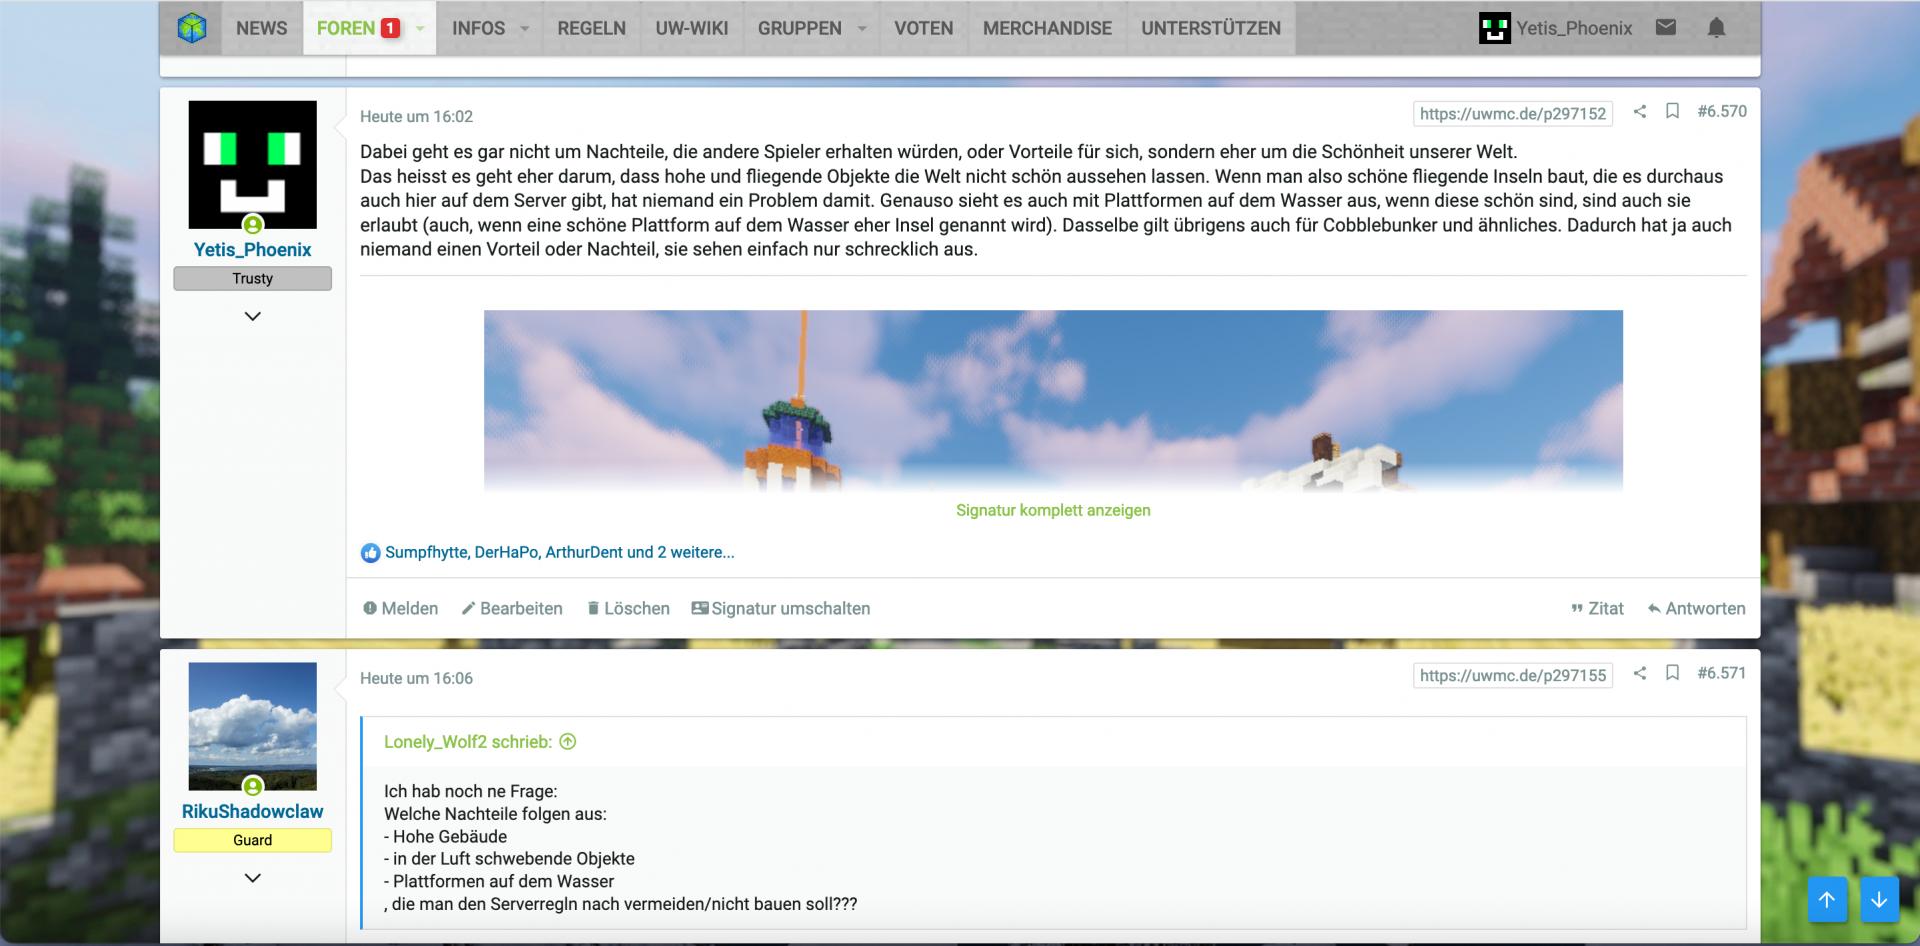 Bildschirmfoto 2021-05-10 um 18.03.33.png